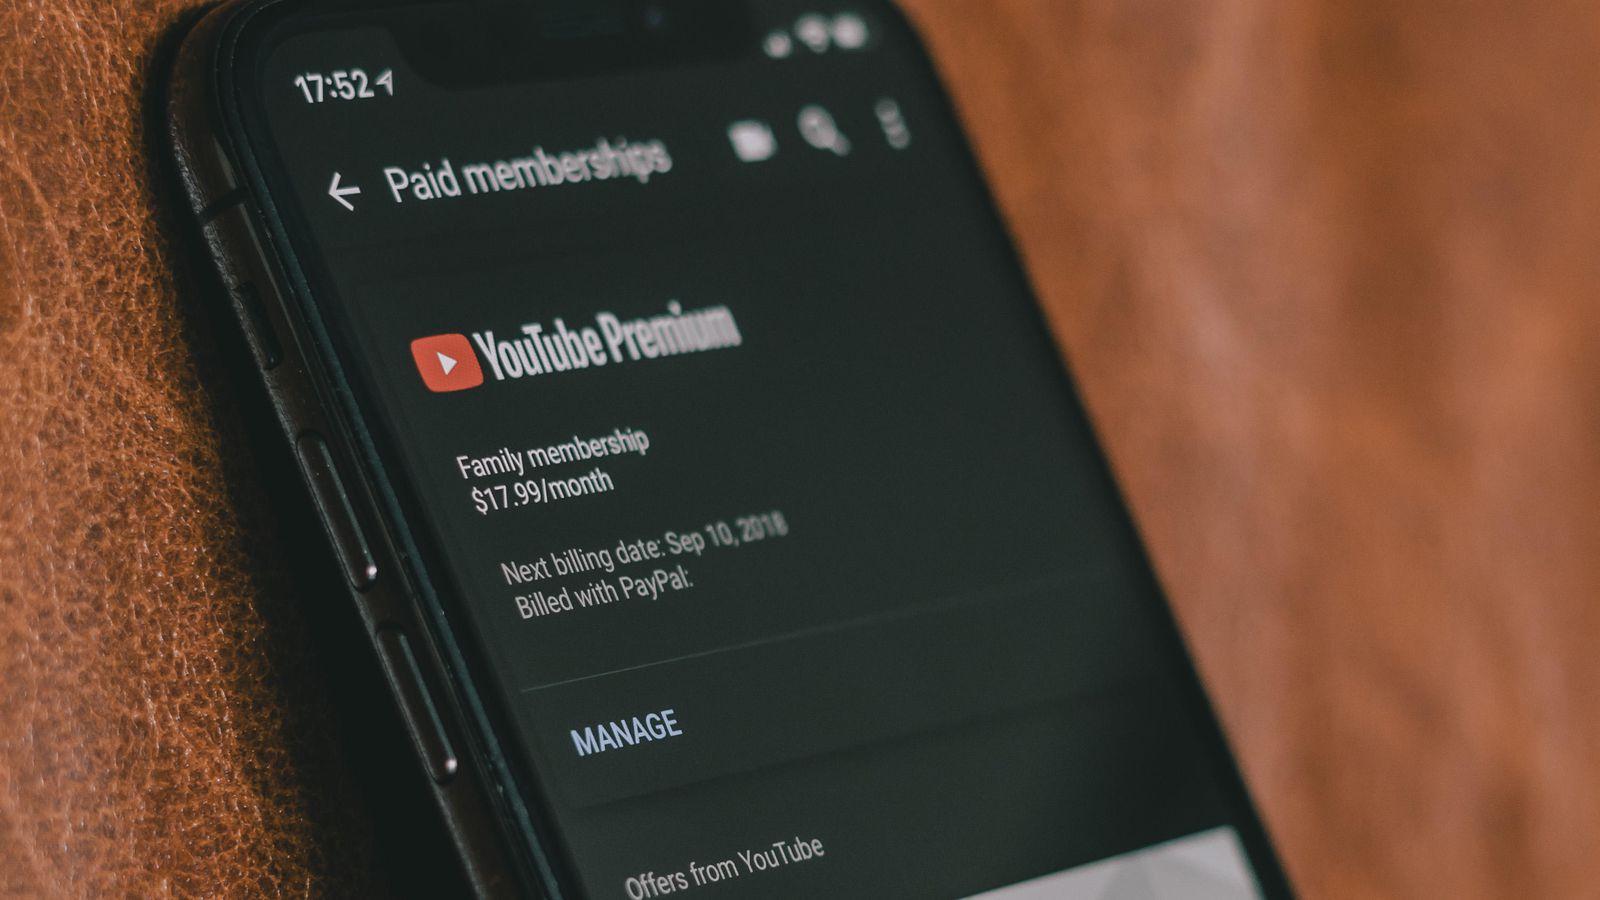 YouTube Music y Premium llegan a Panamá, aquí las opciones que ofrece